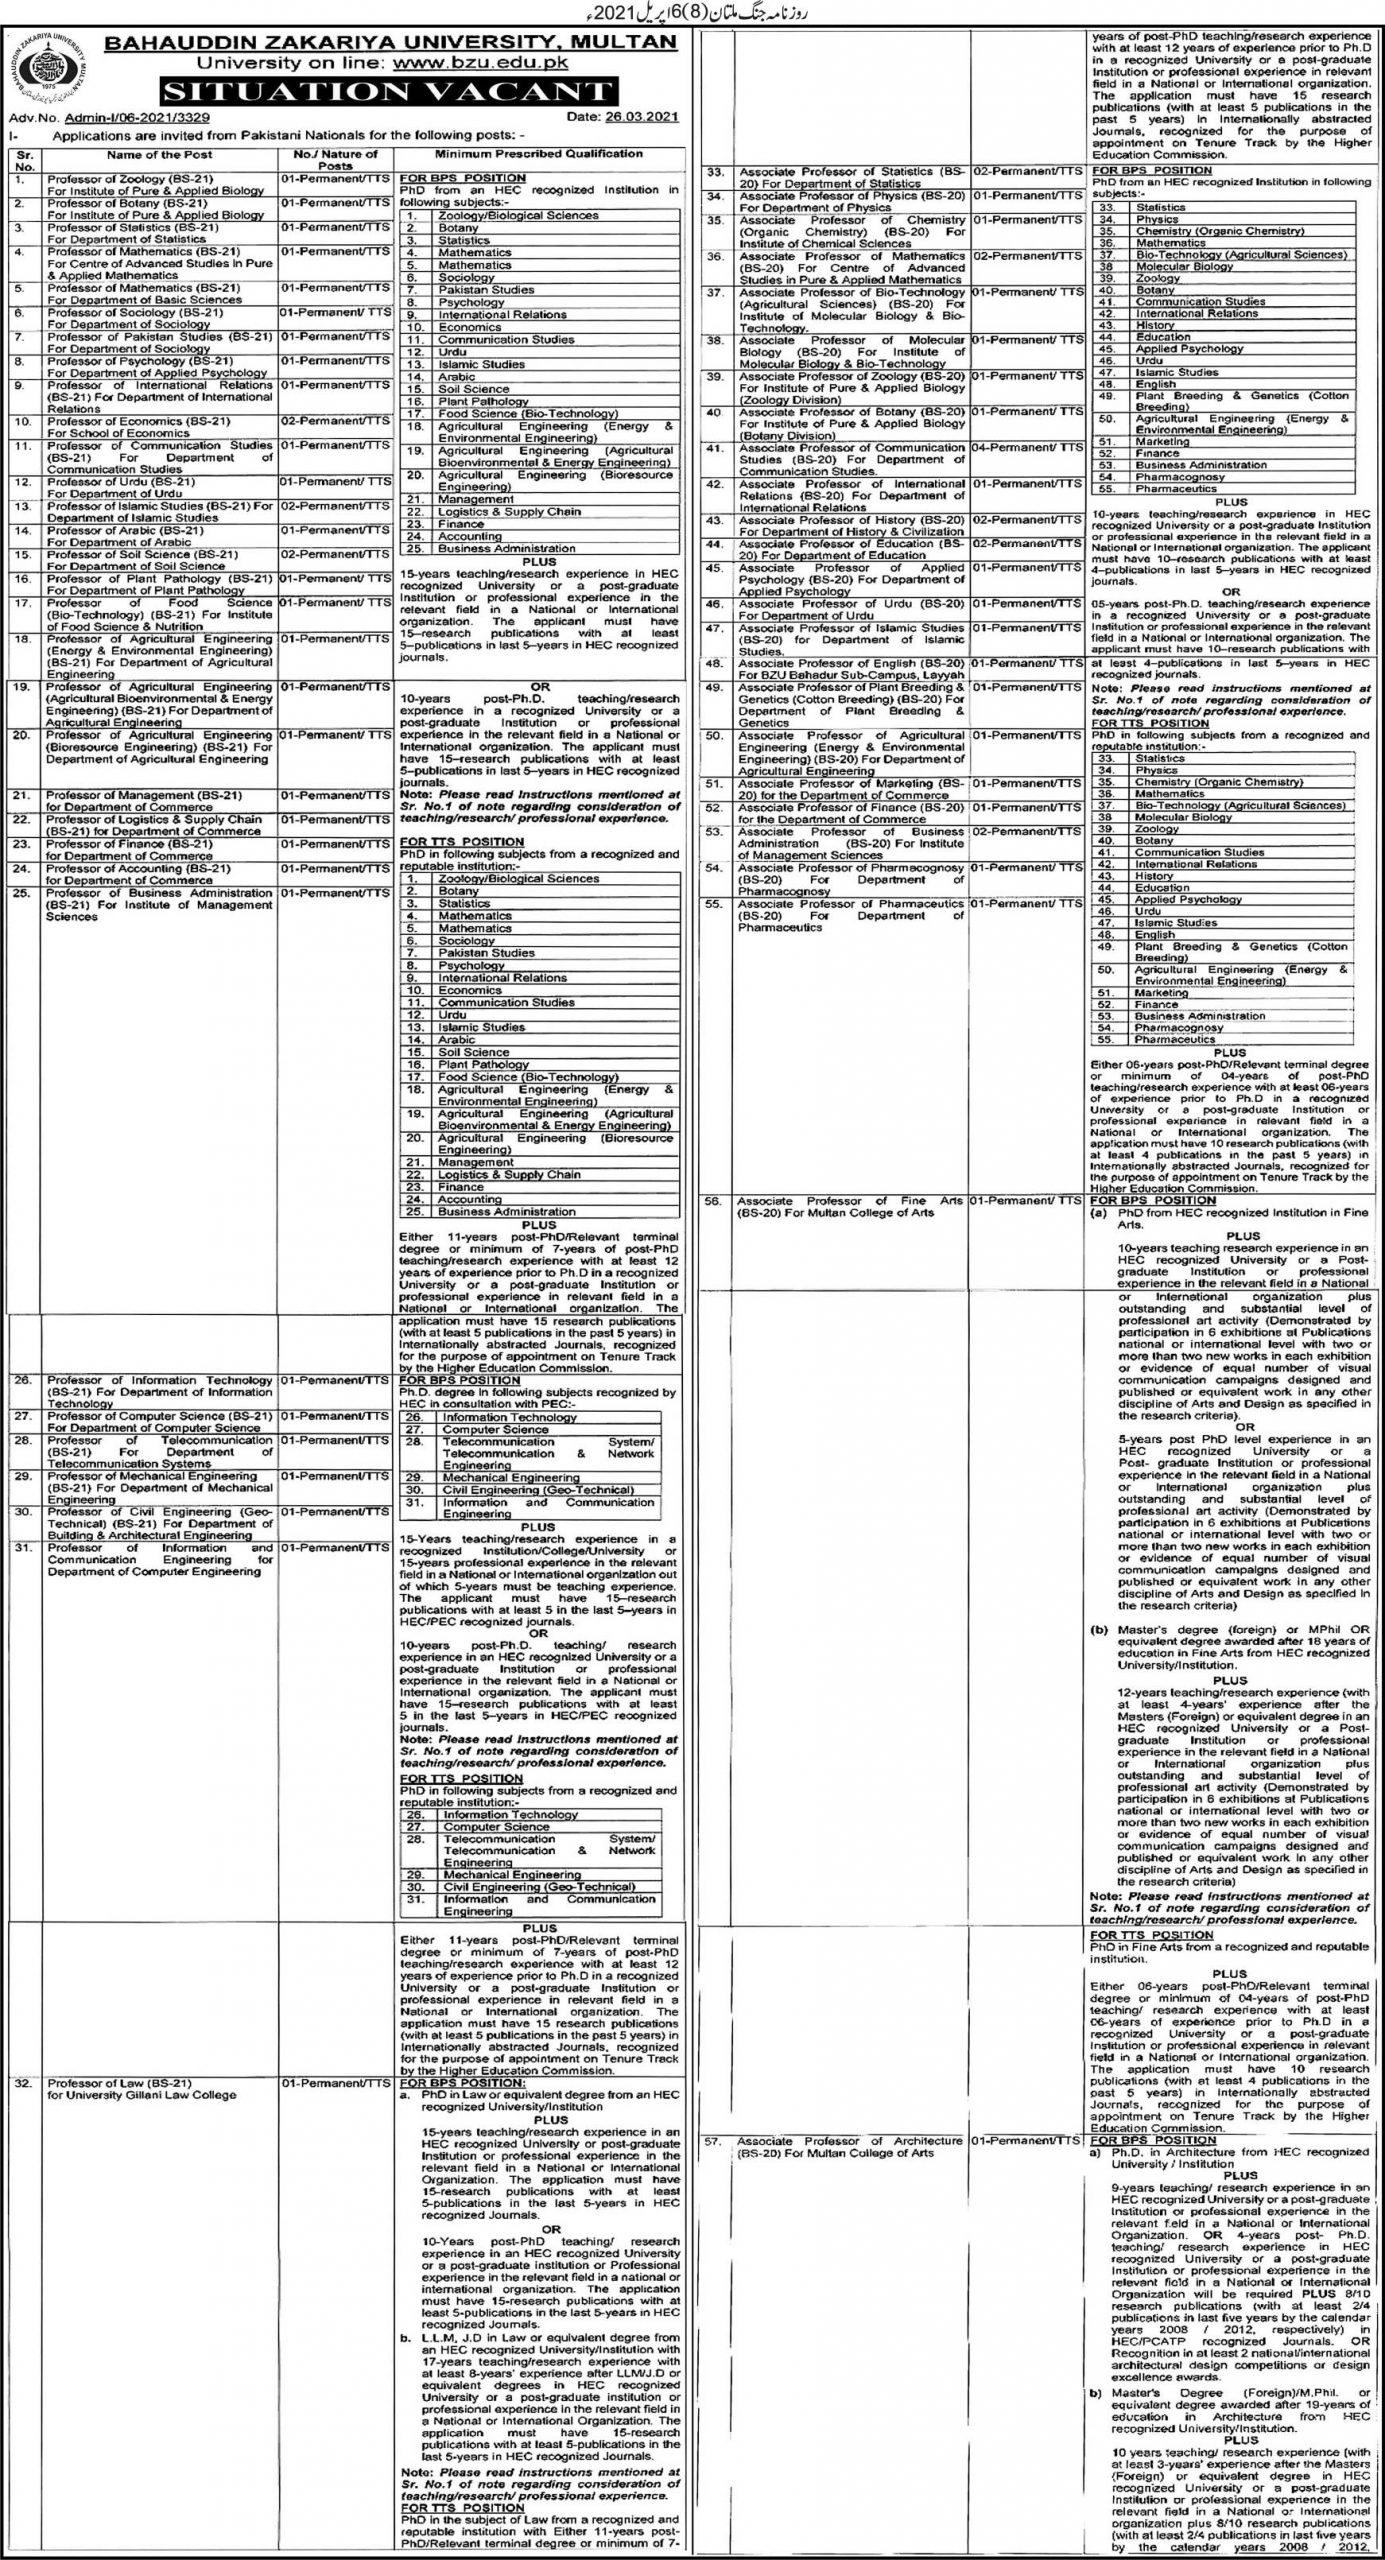 BZU Multan Teaching Jobs 2021